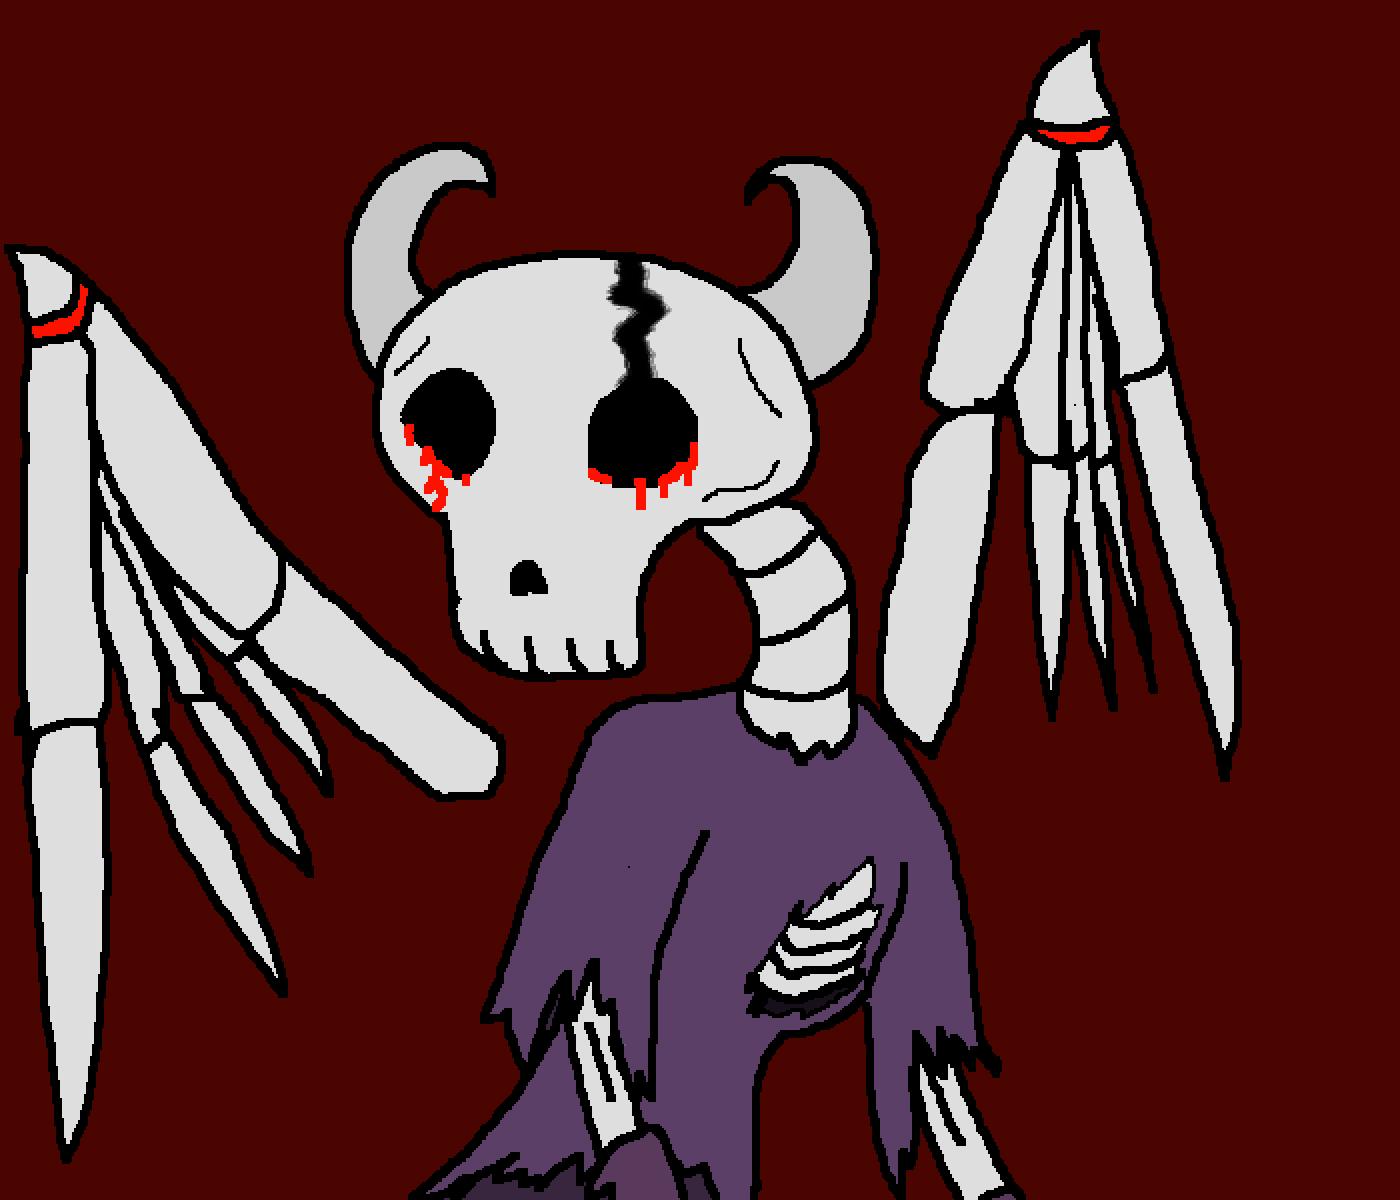 sceleski by Darktail